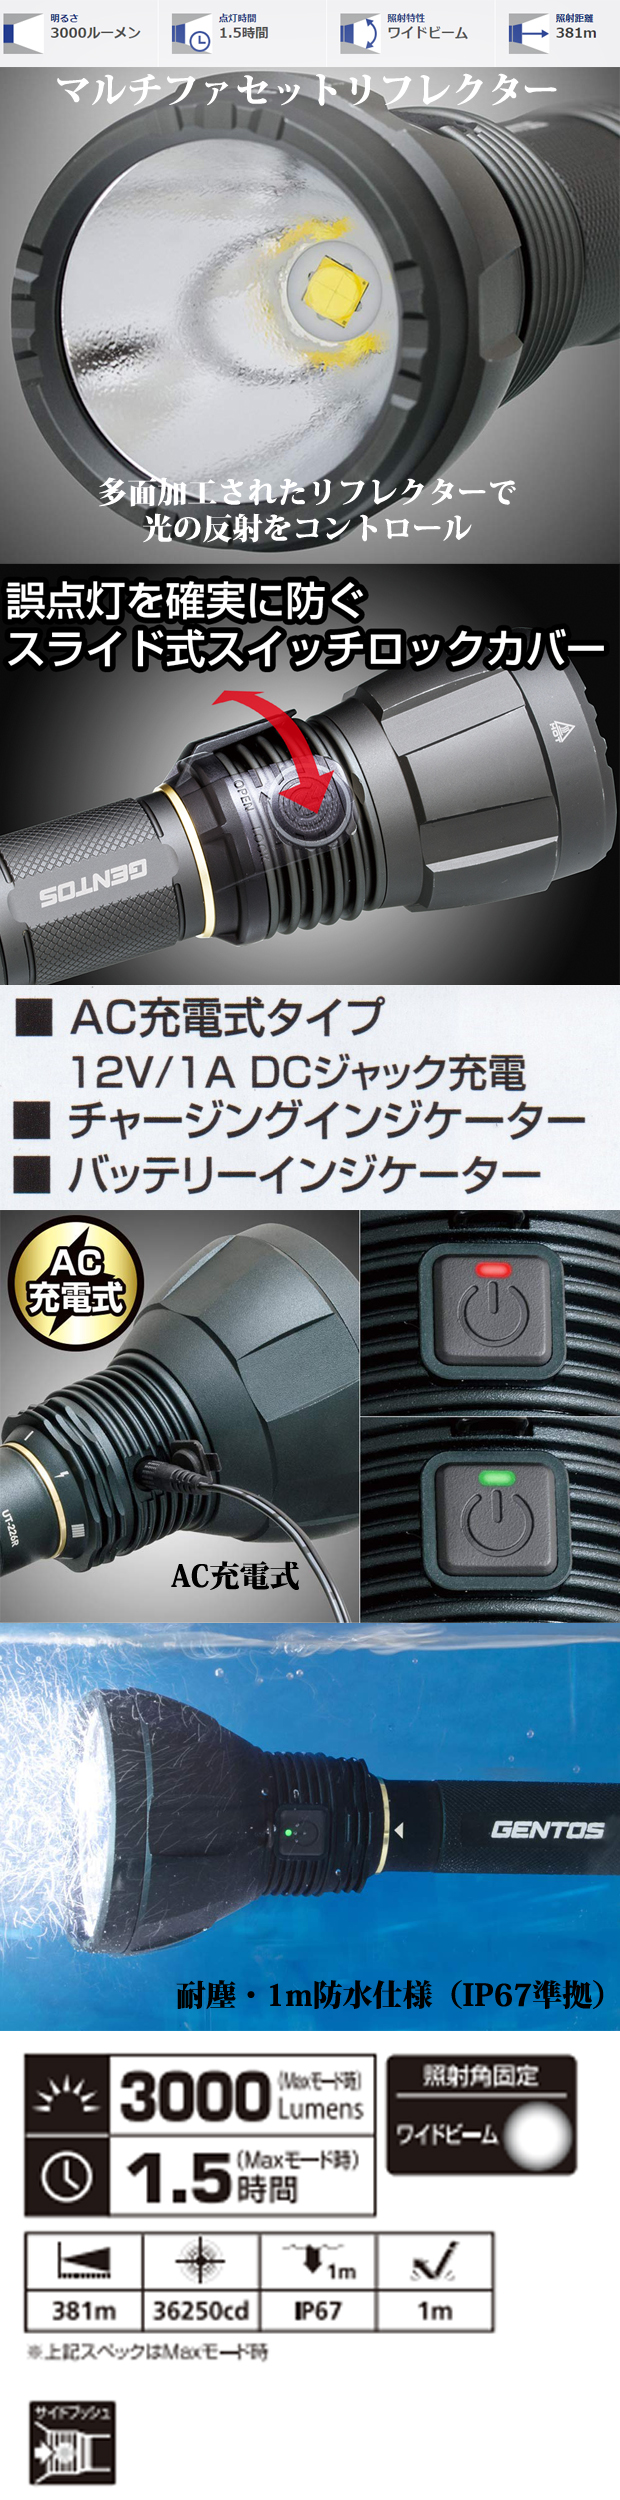 GENTOS ハイパワーLEDフラッシュライトUT-3000R